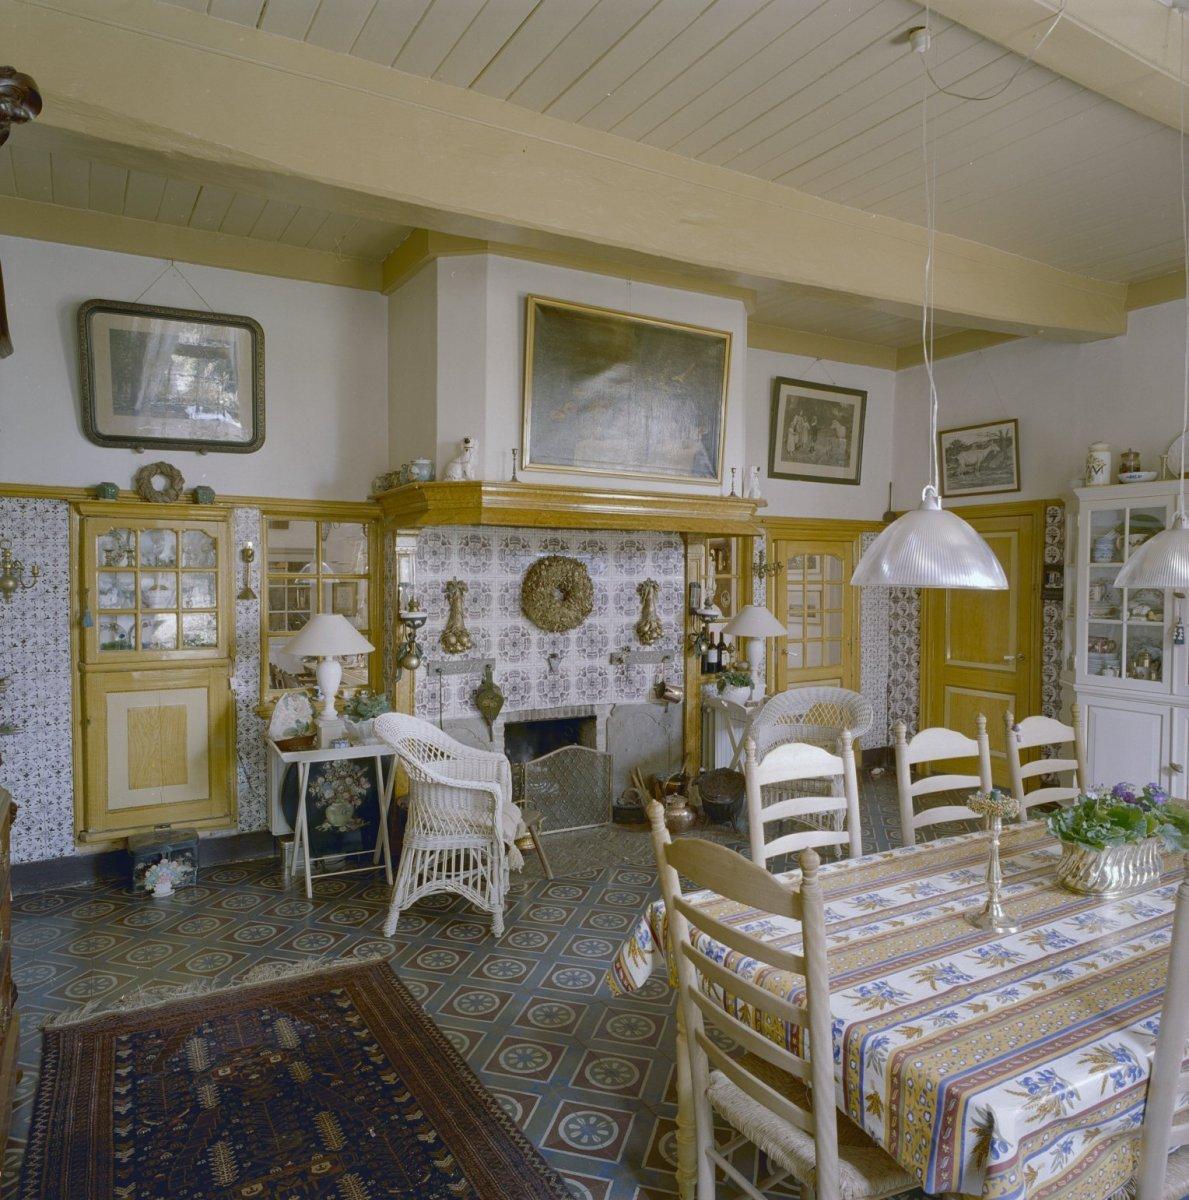 File interieur boerderij overzicht woonkamer markelo for Boerderij interieur ideeen